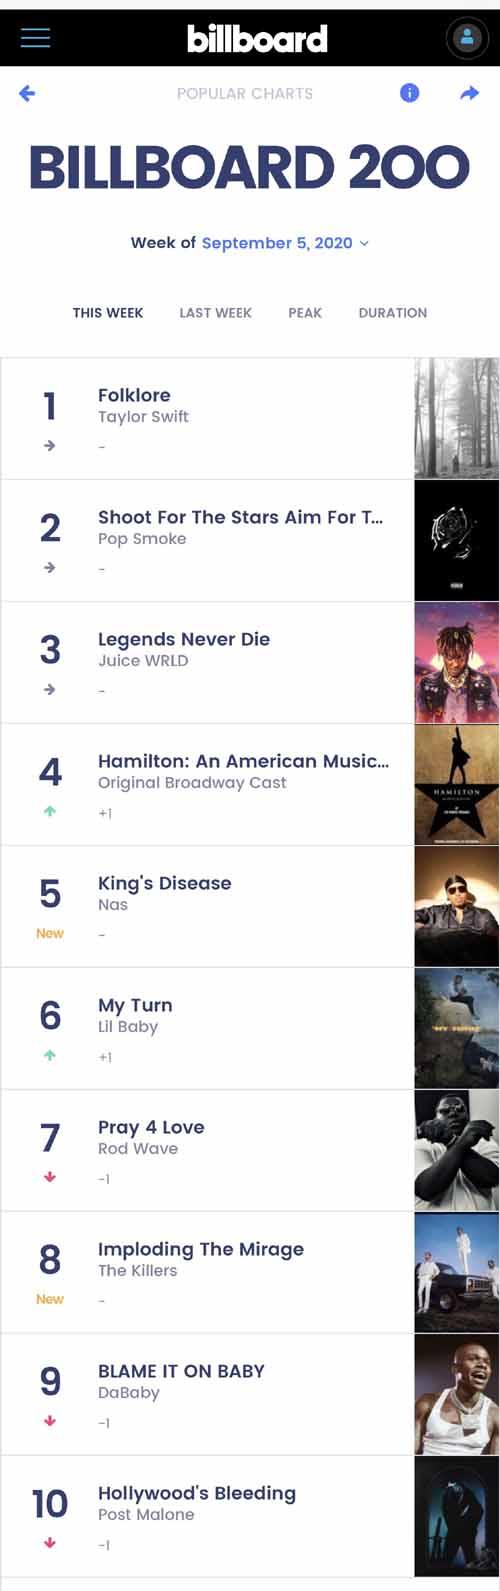 环球音乐集团再创纪录在美国公告牌二百强专辑榜前十拿下九个席位